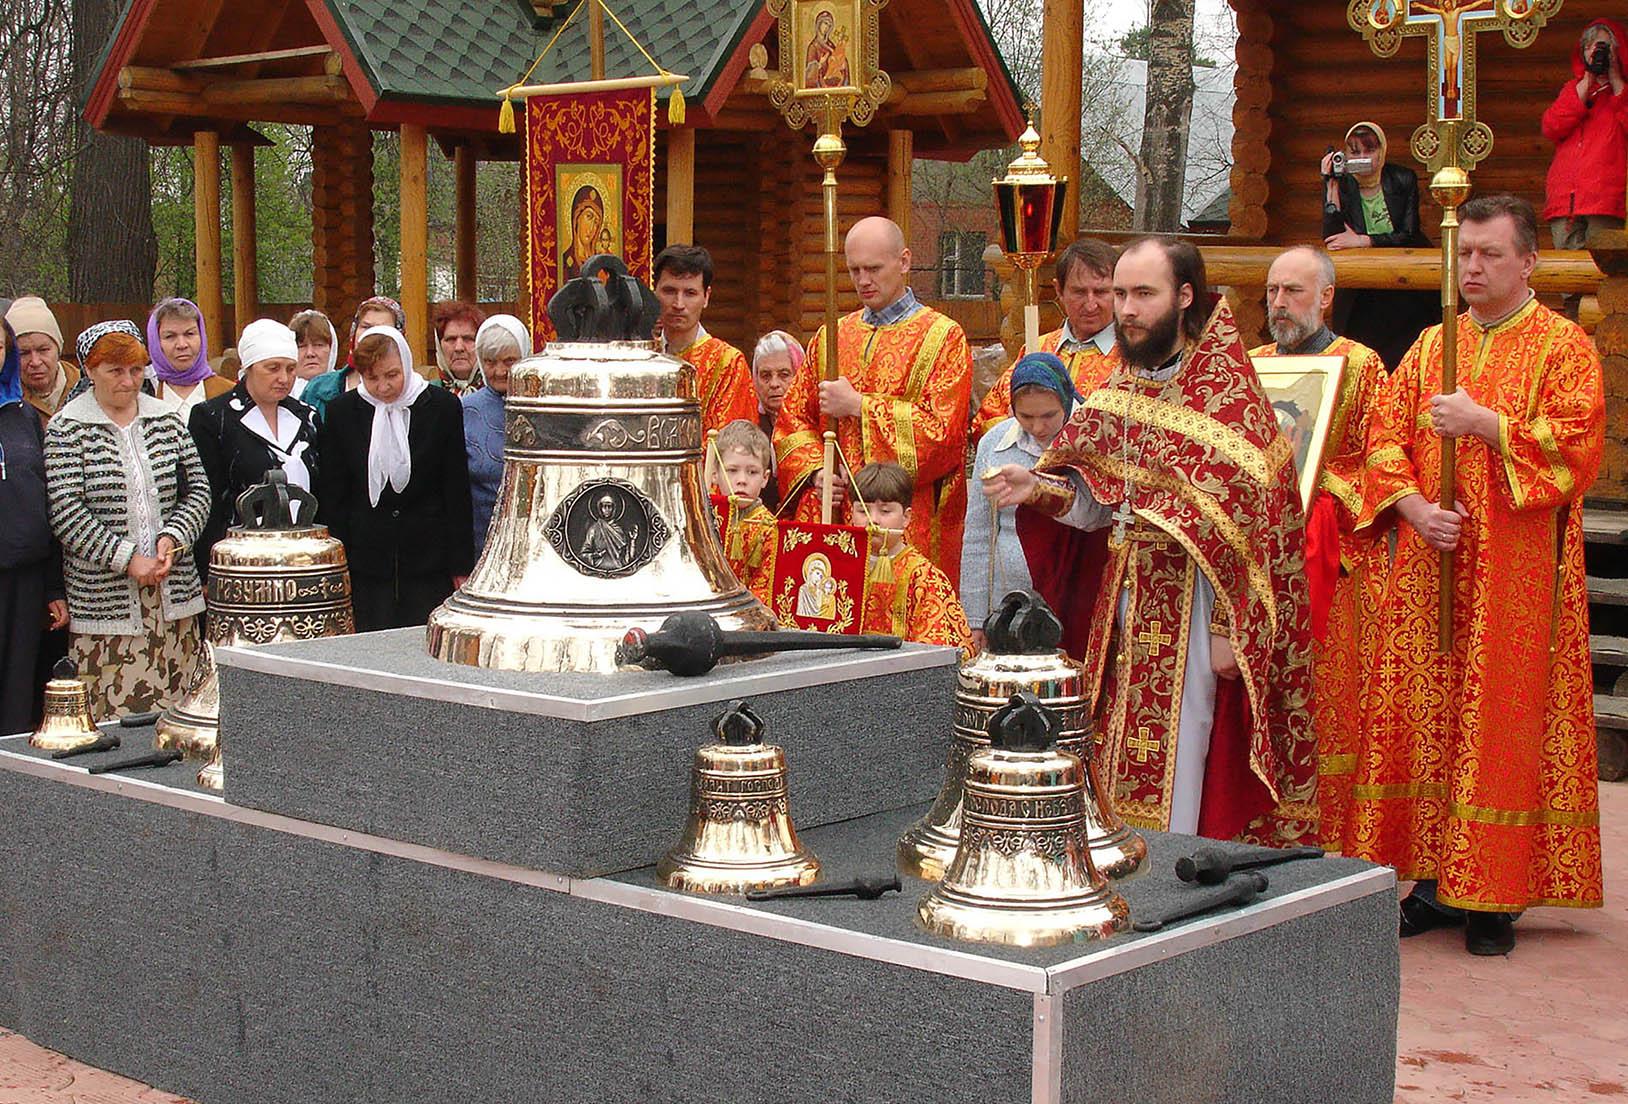 Храм Богоявления Господня Московская обл, п. Жаворонки